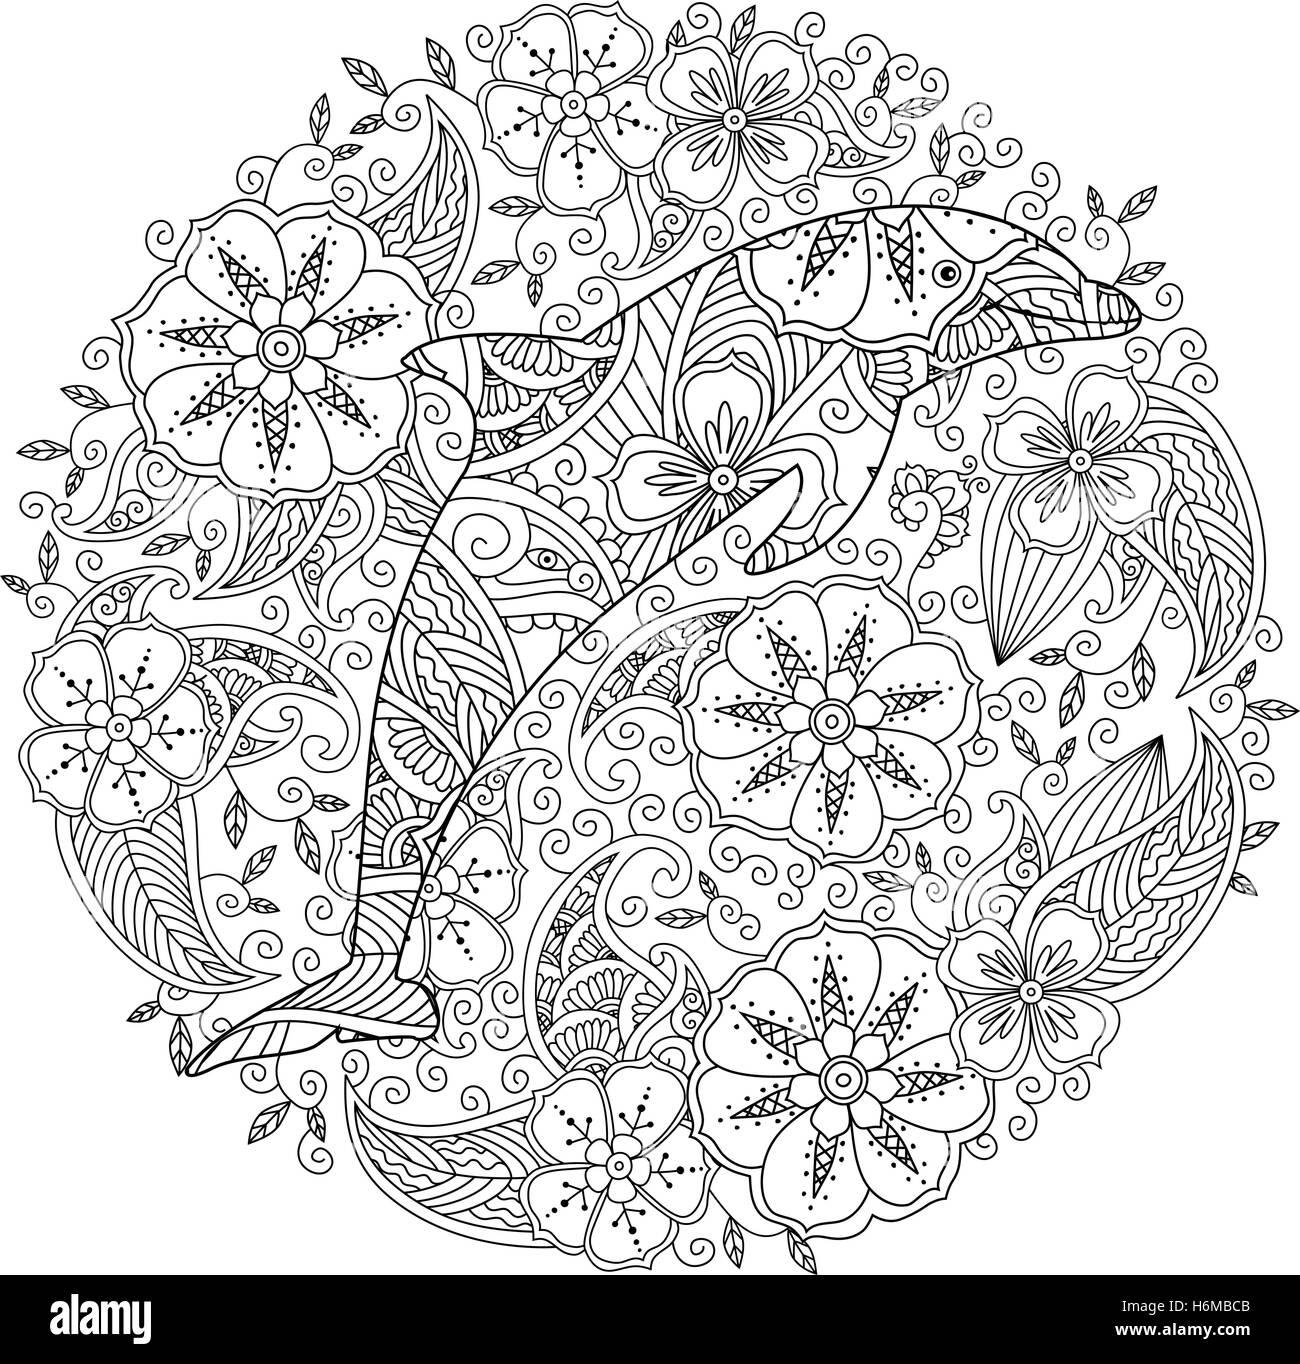 Ziemlich Kreise Malvorlagen Fotos - Malvorlagen Von Tieren - ngadi.info